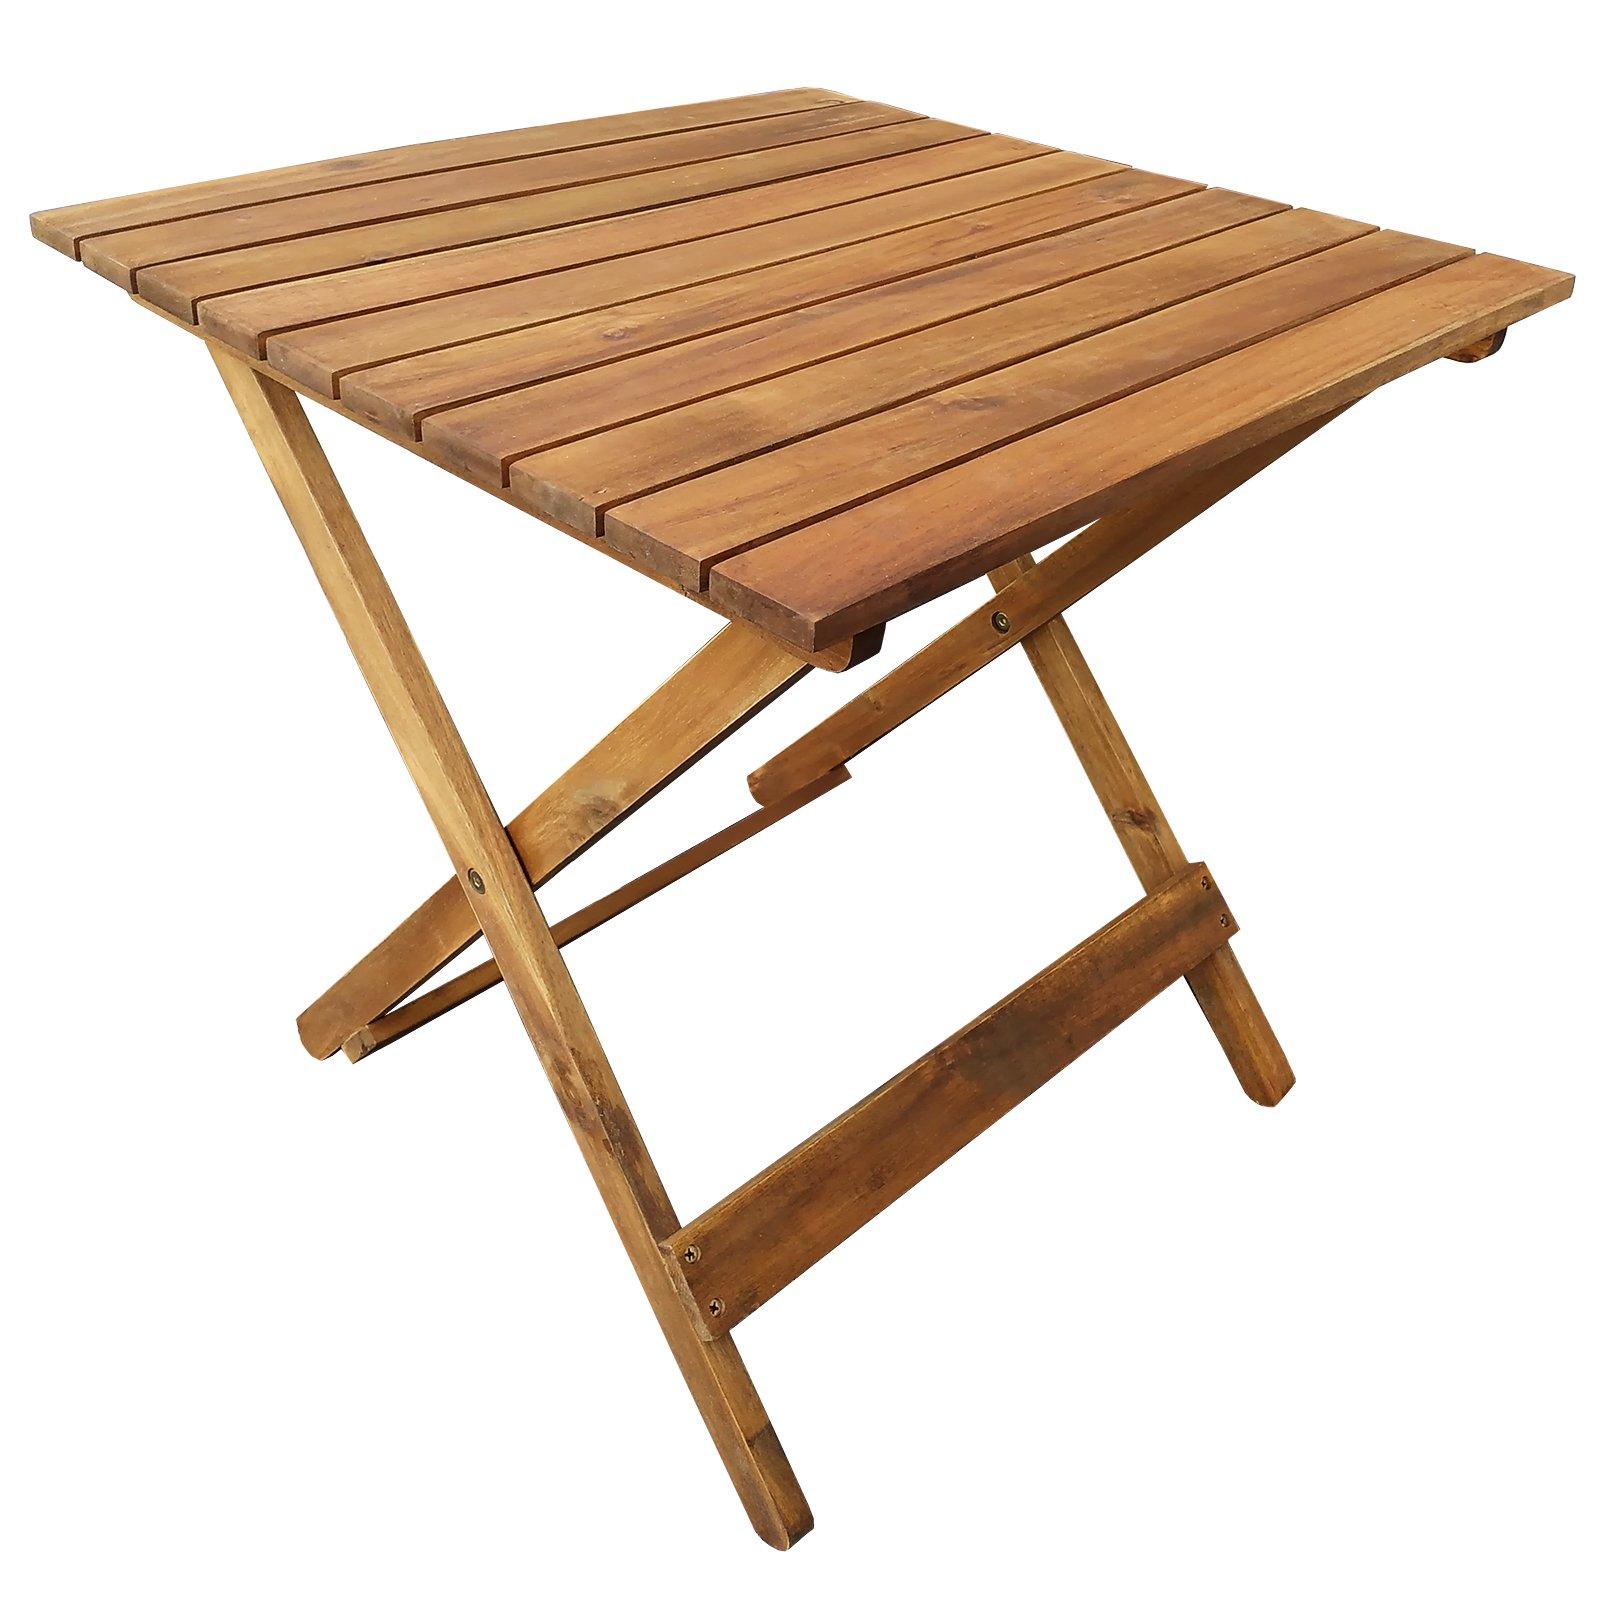 Casa Pura Holz Klapptisch Goa Platzsparender Beistelltisch Für